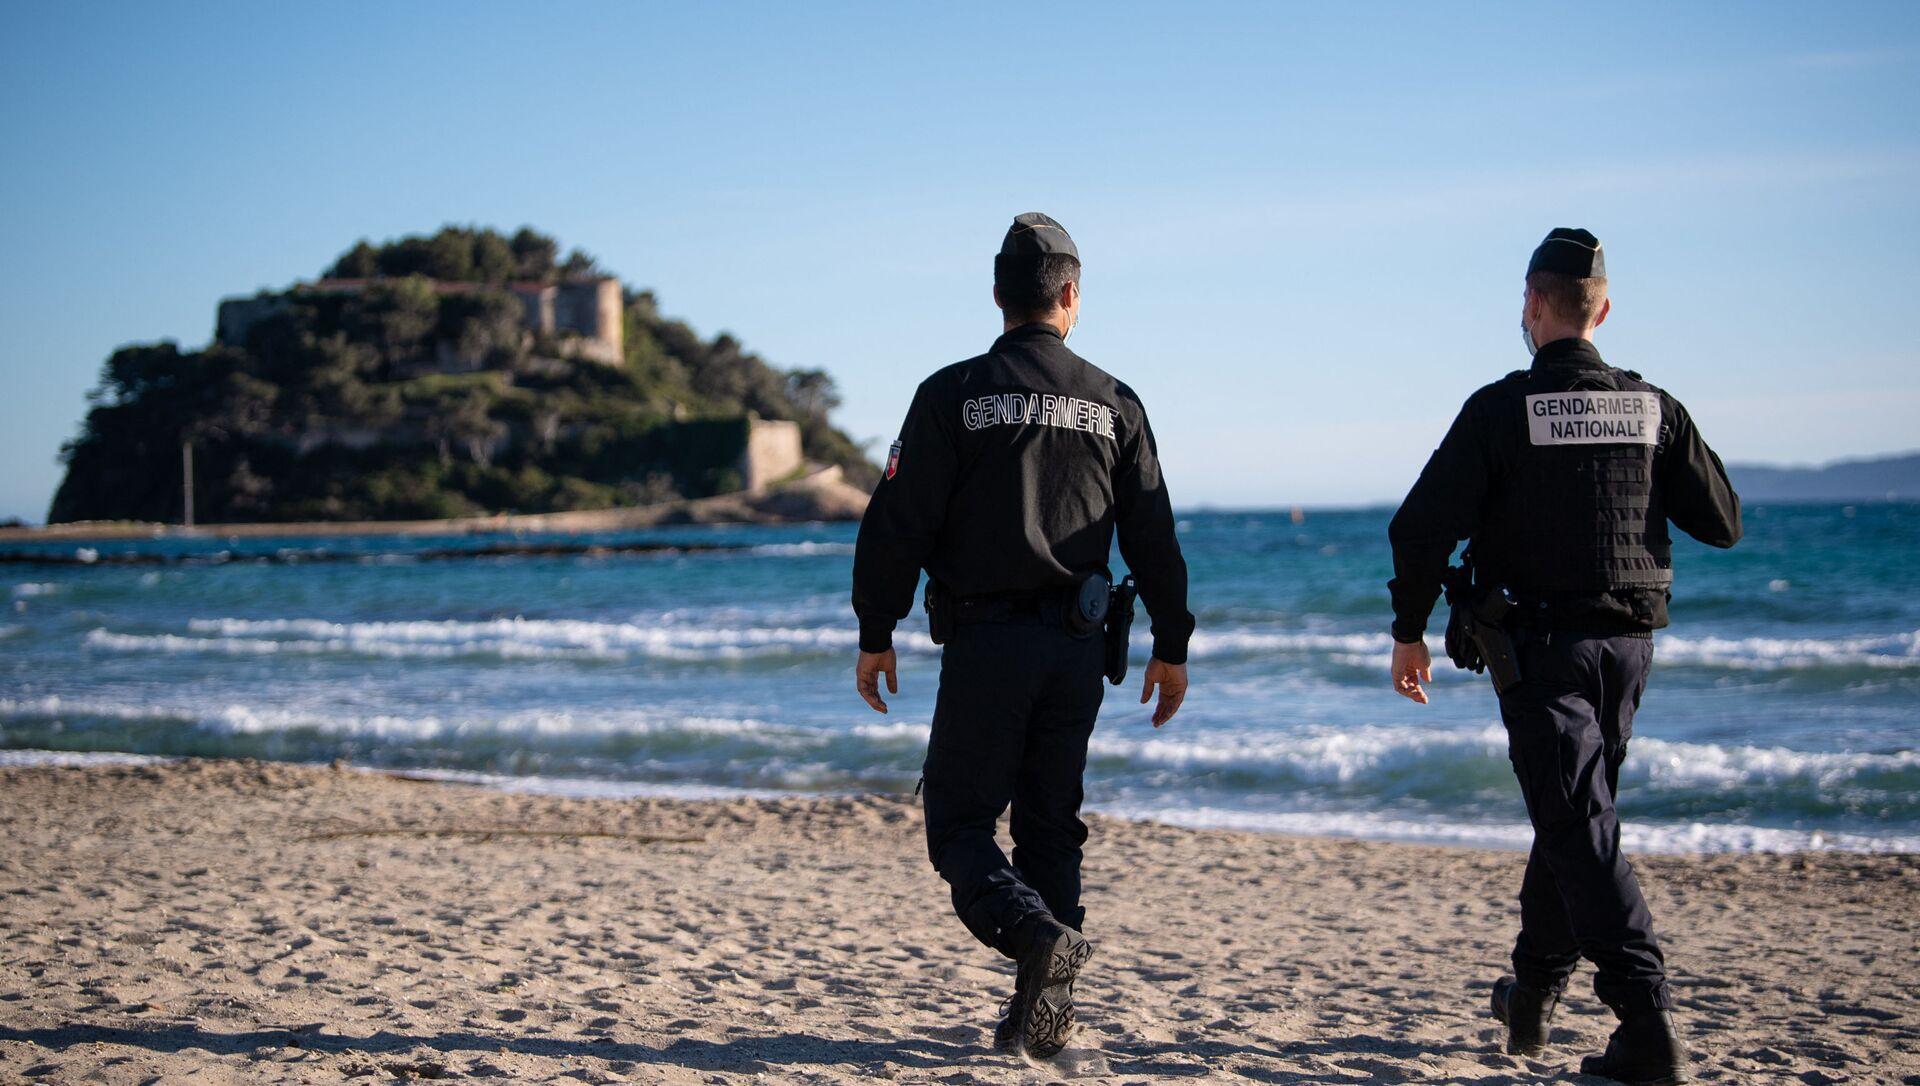 Des gendarmes sur une plage devant le fort de Brégançon, à Bormes-les-Mimosas (archive photo) - Sputnik France, 1920, 07.08.2021